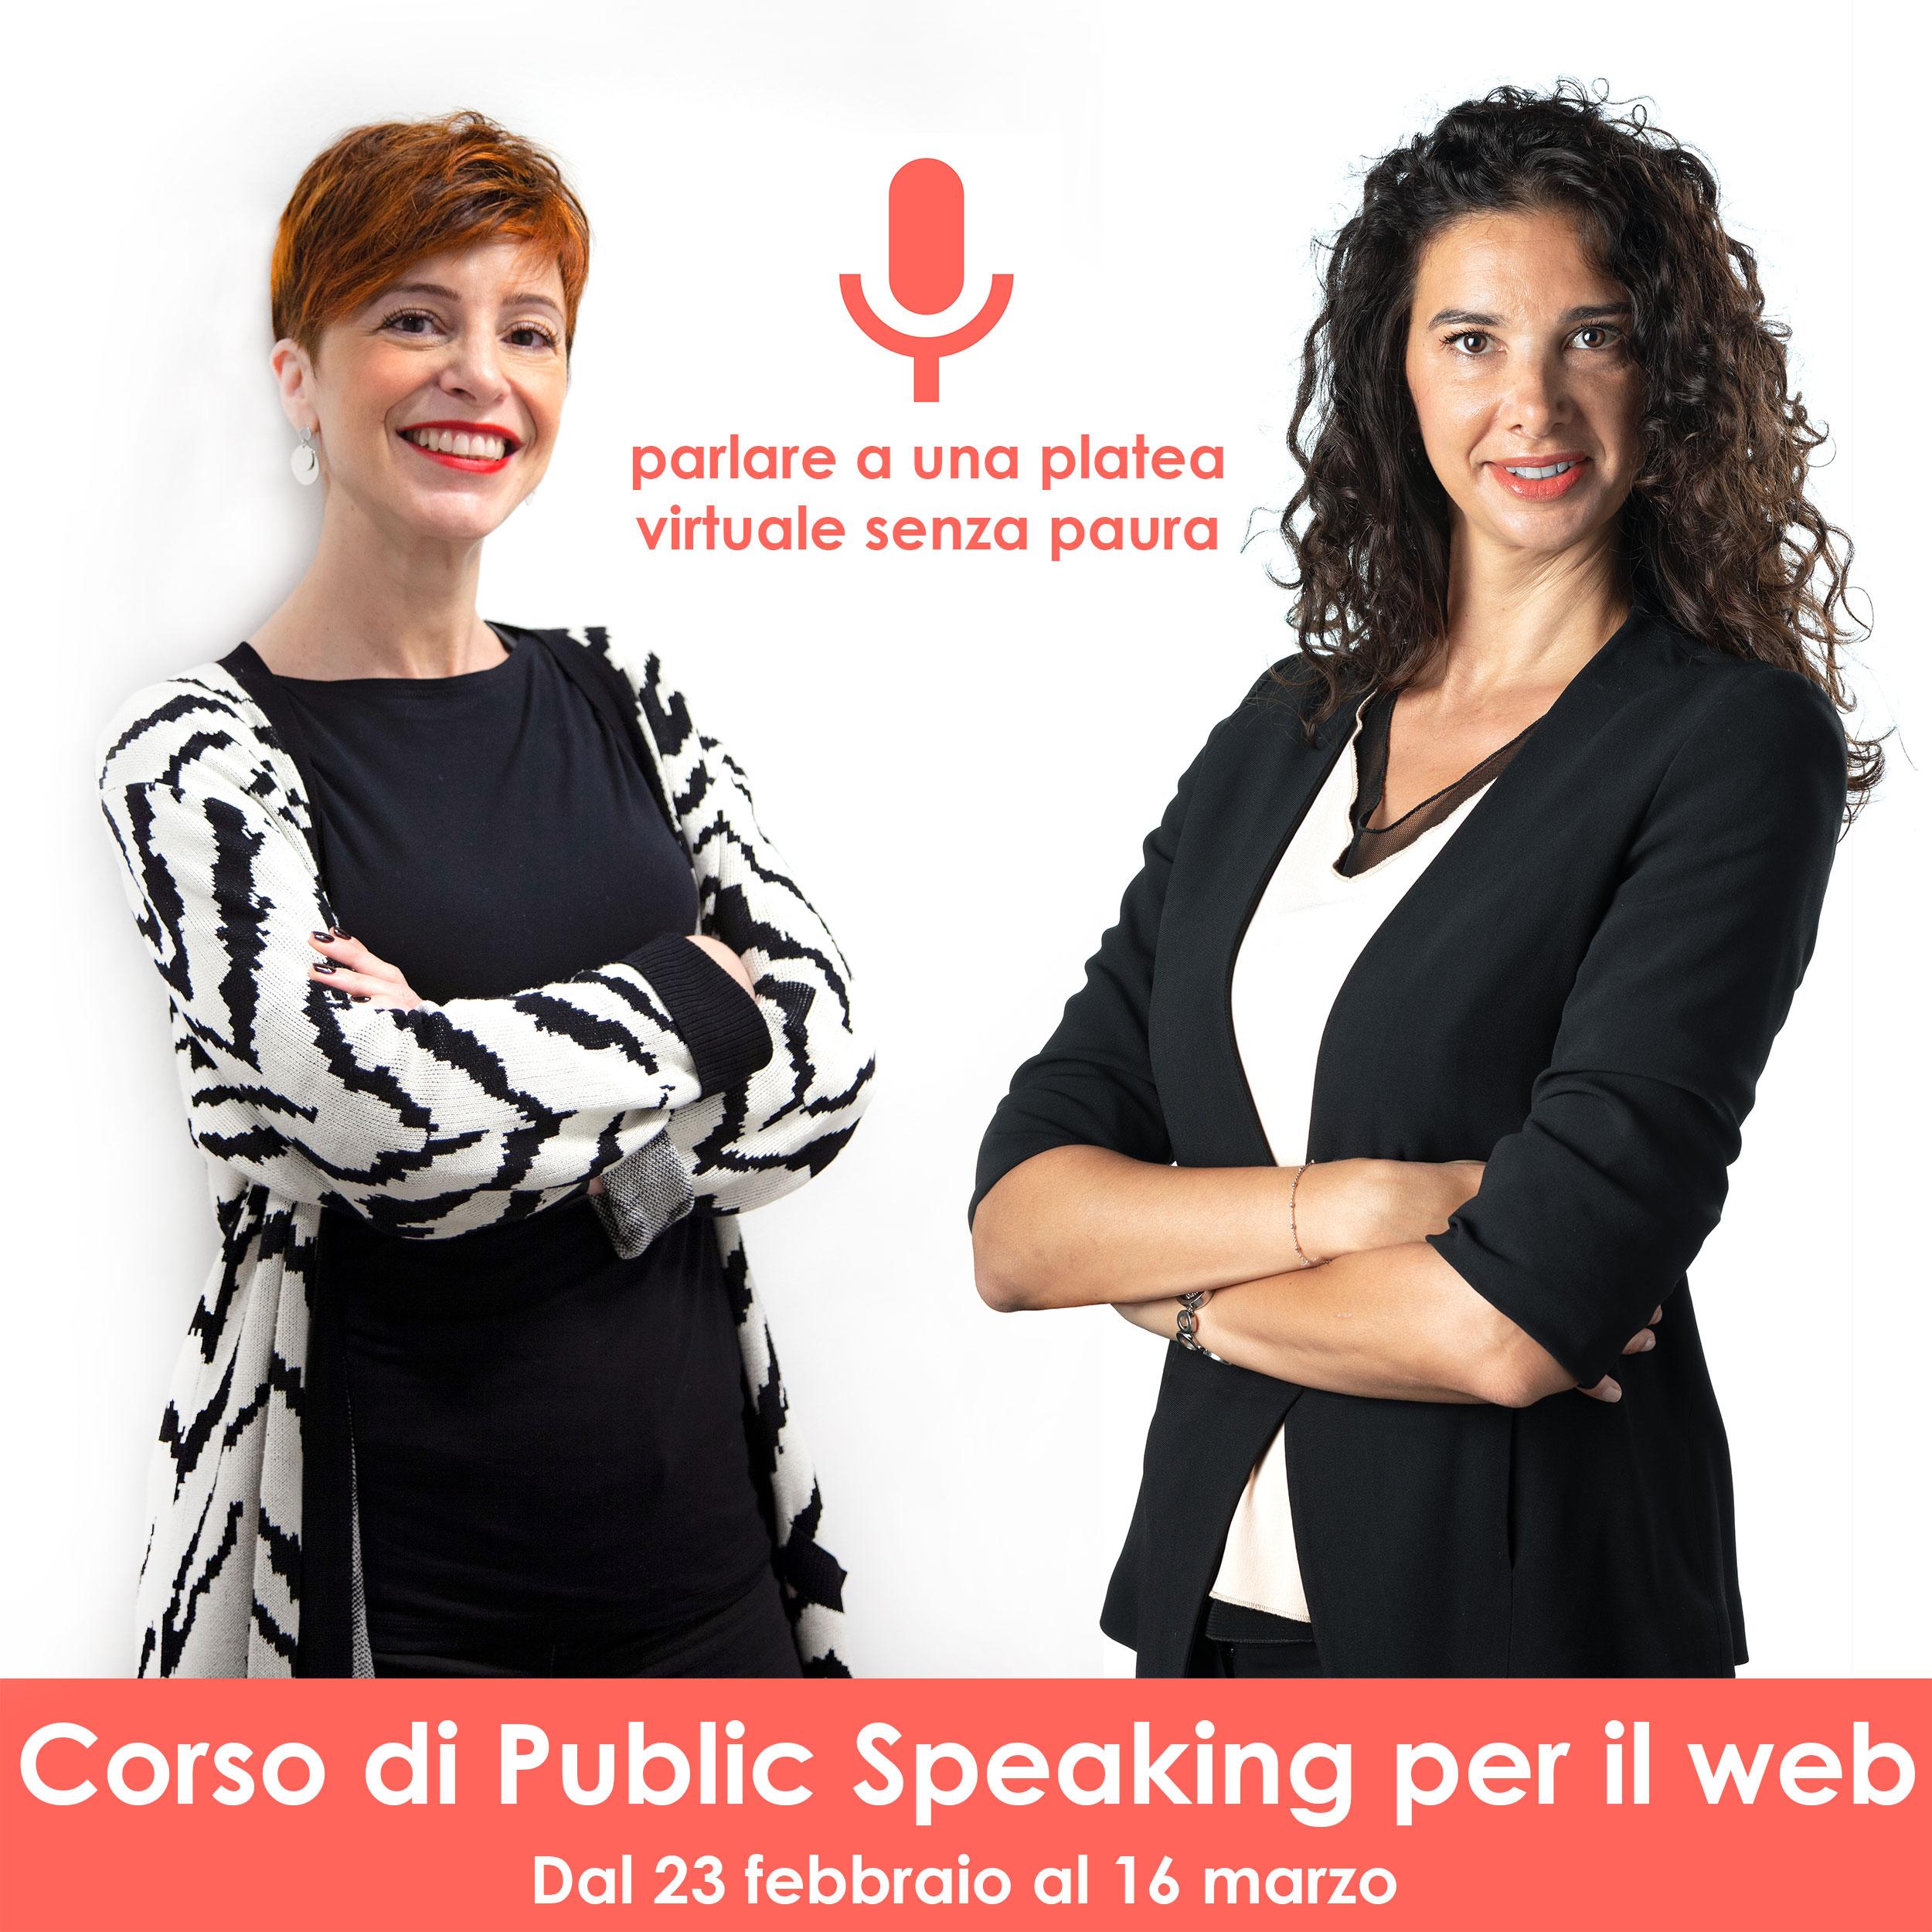 Corso di Public Speaking per il web